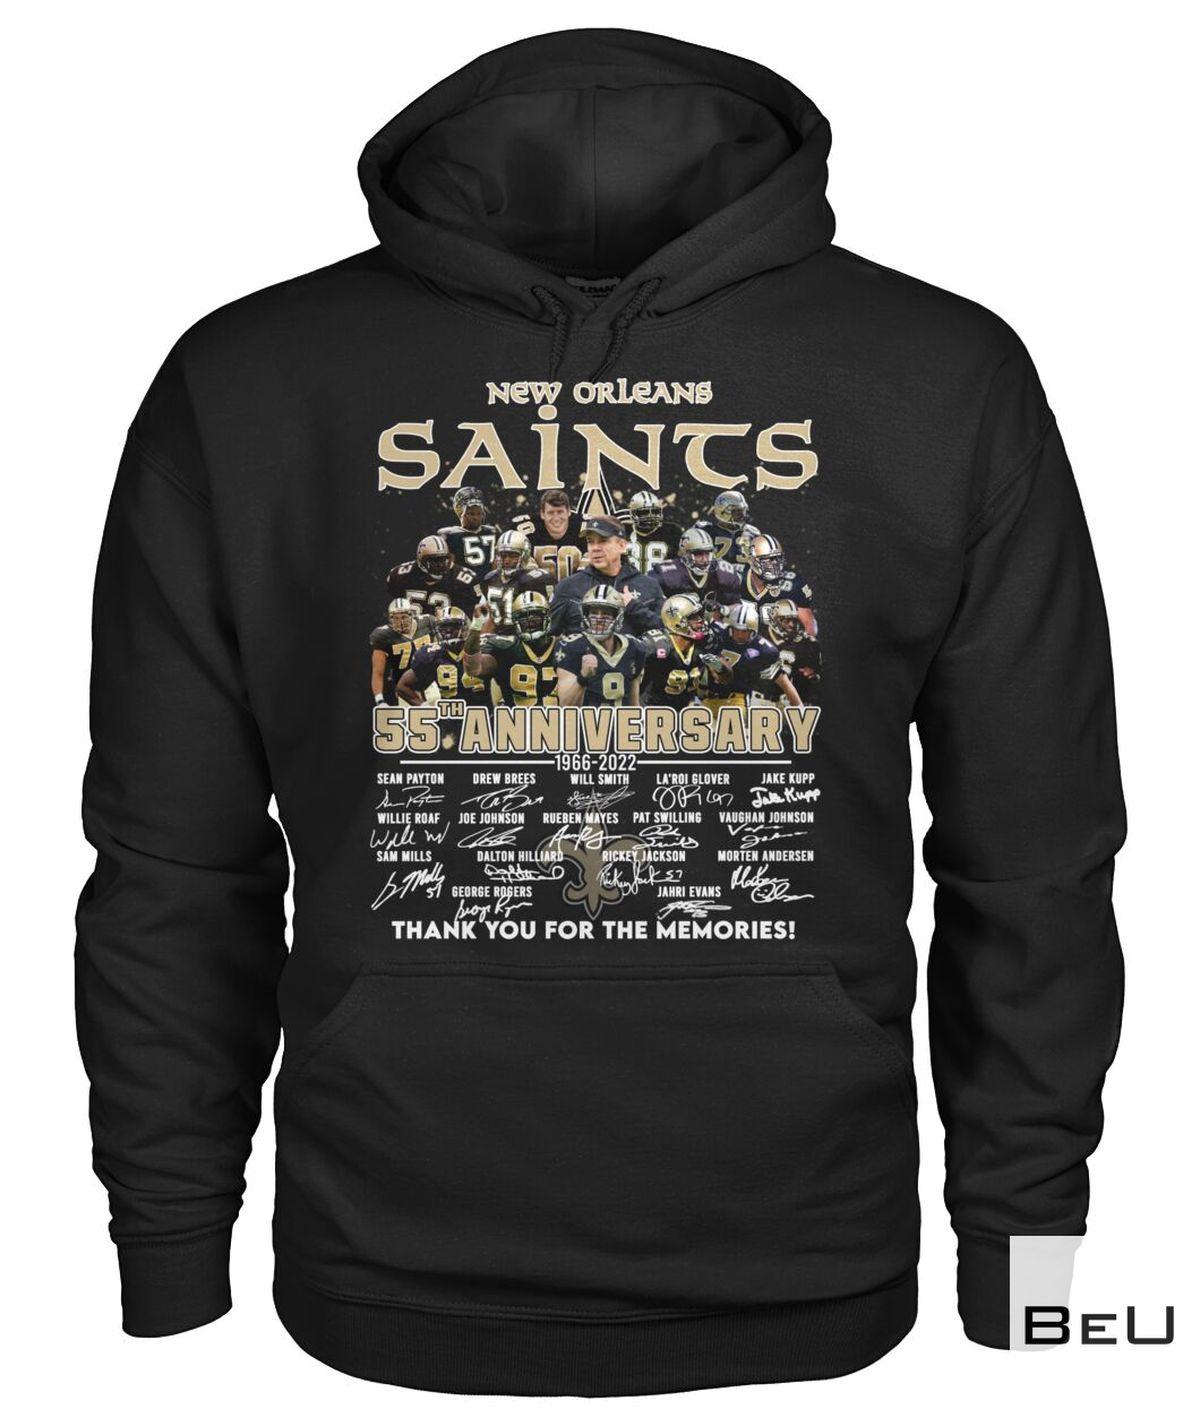 New Orleans Saints 55th Anniversary Shirt a